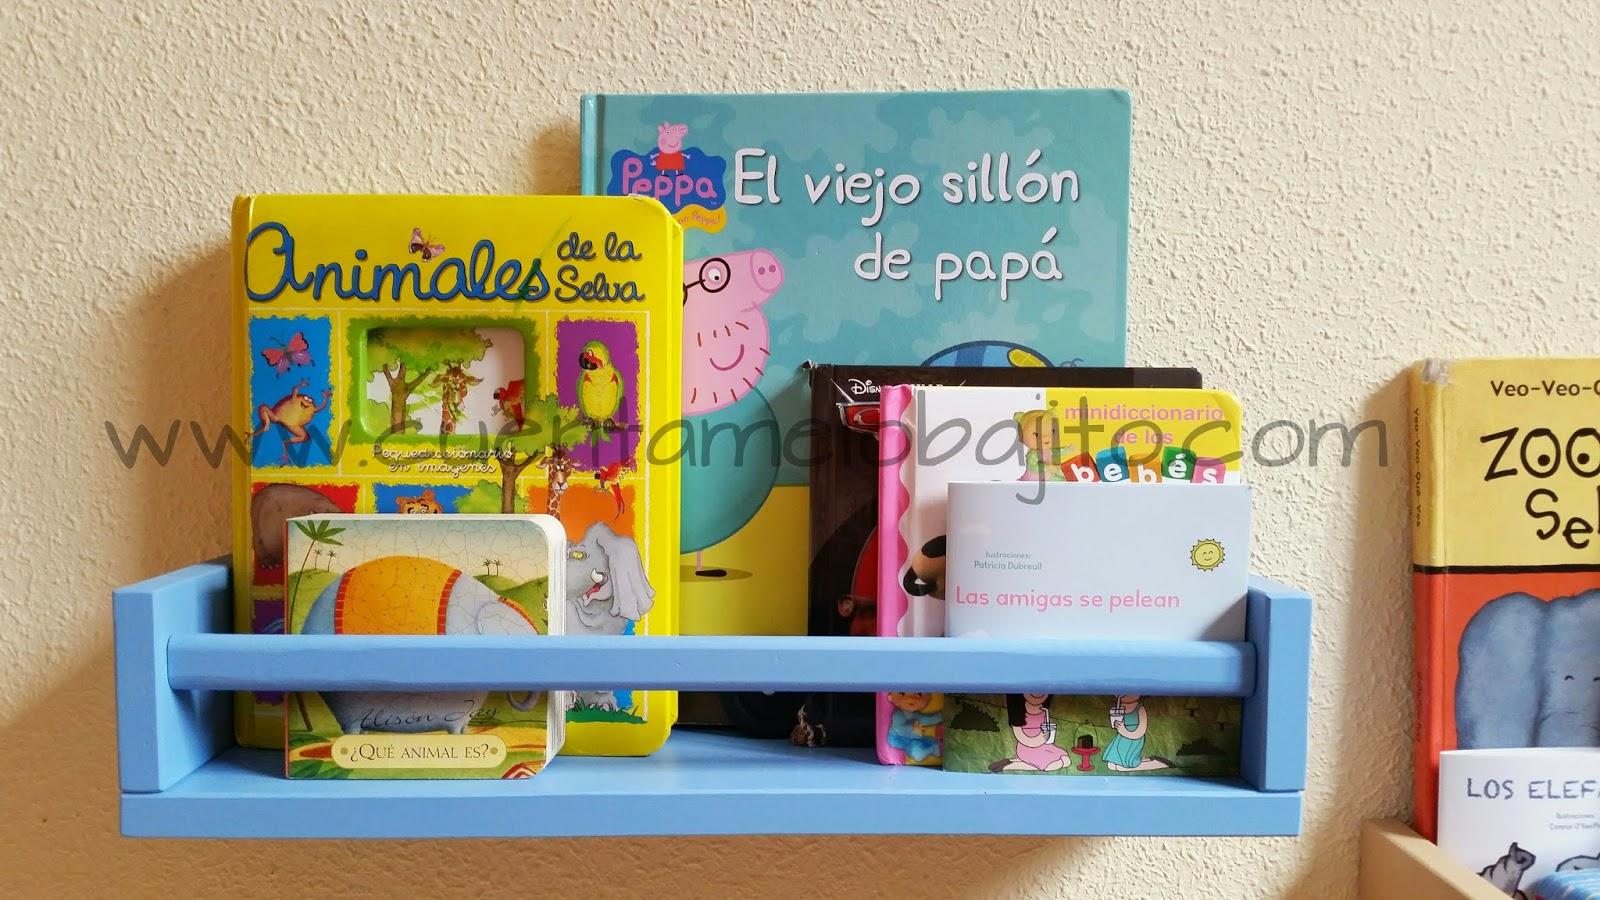 Cu ntamelo bajito c mo hacer una estanter a con un - Ikea estanterias ninos ...